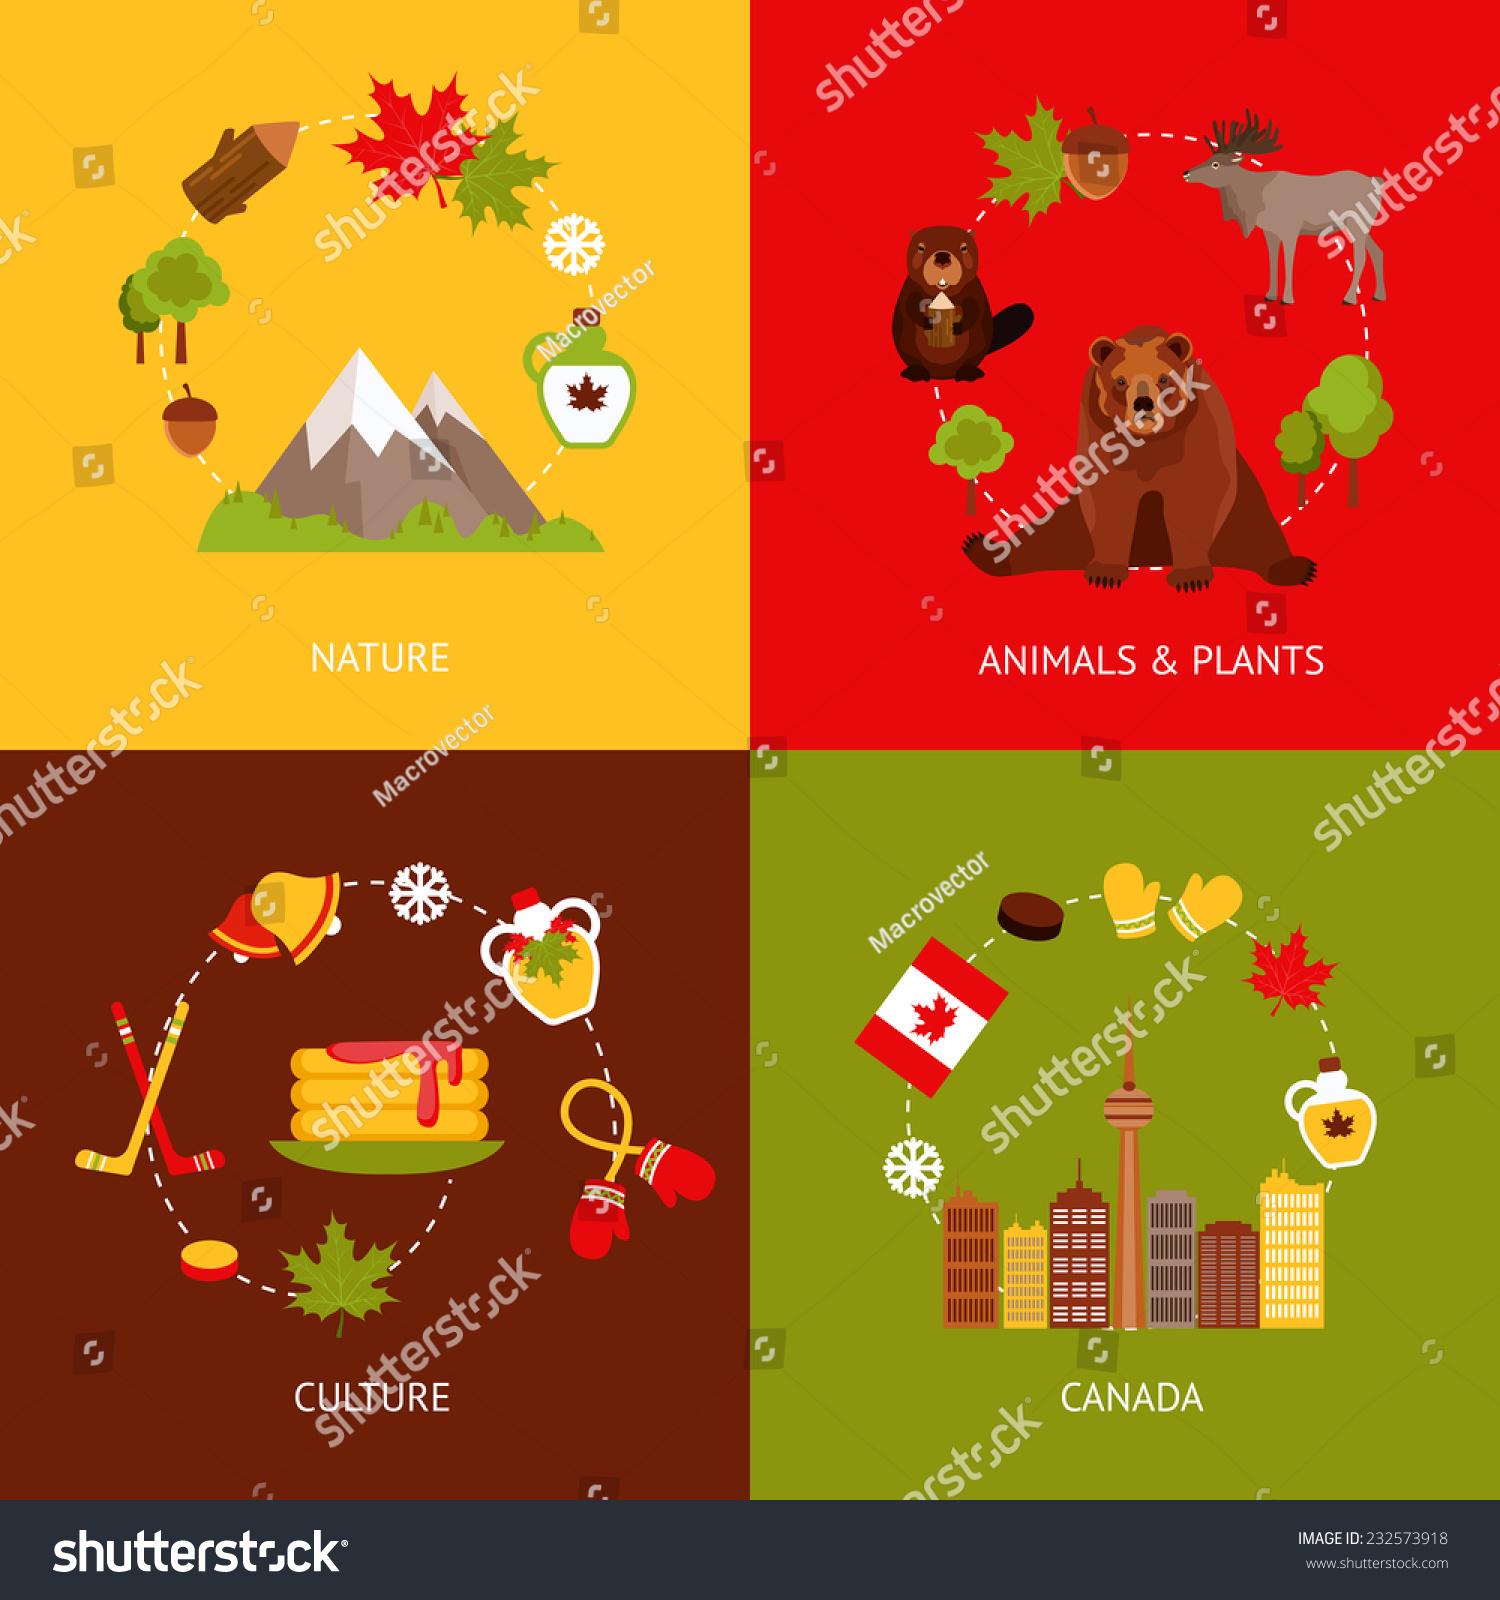 加拿大彩色平面图标组与自然动物植物文化孤立的矢量